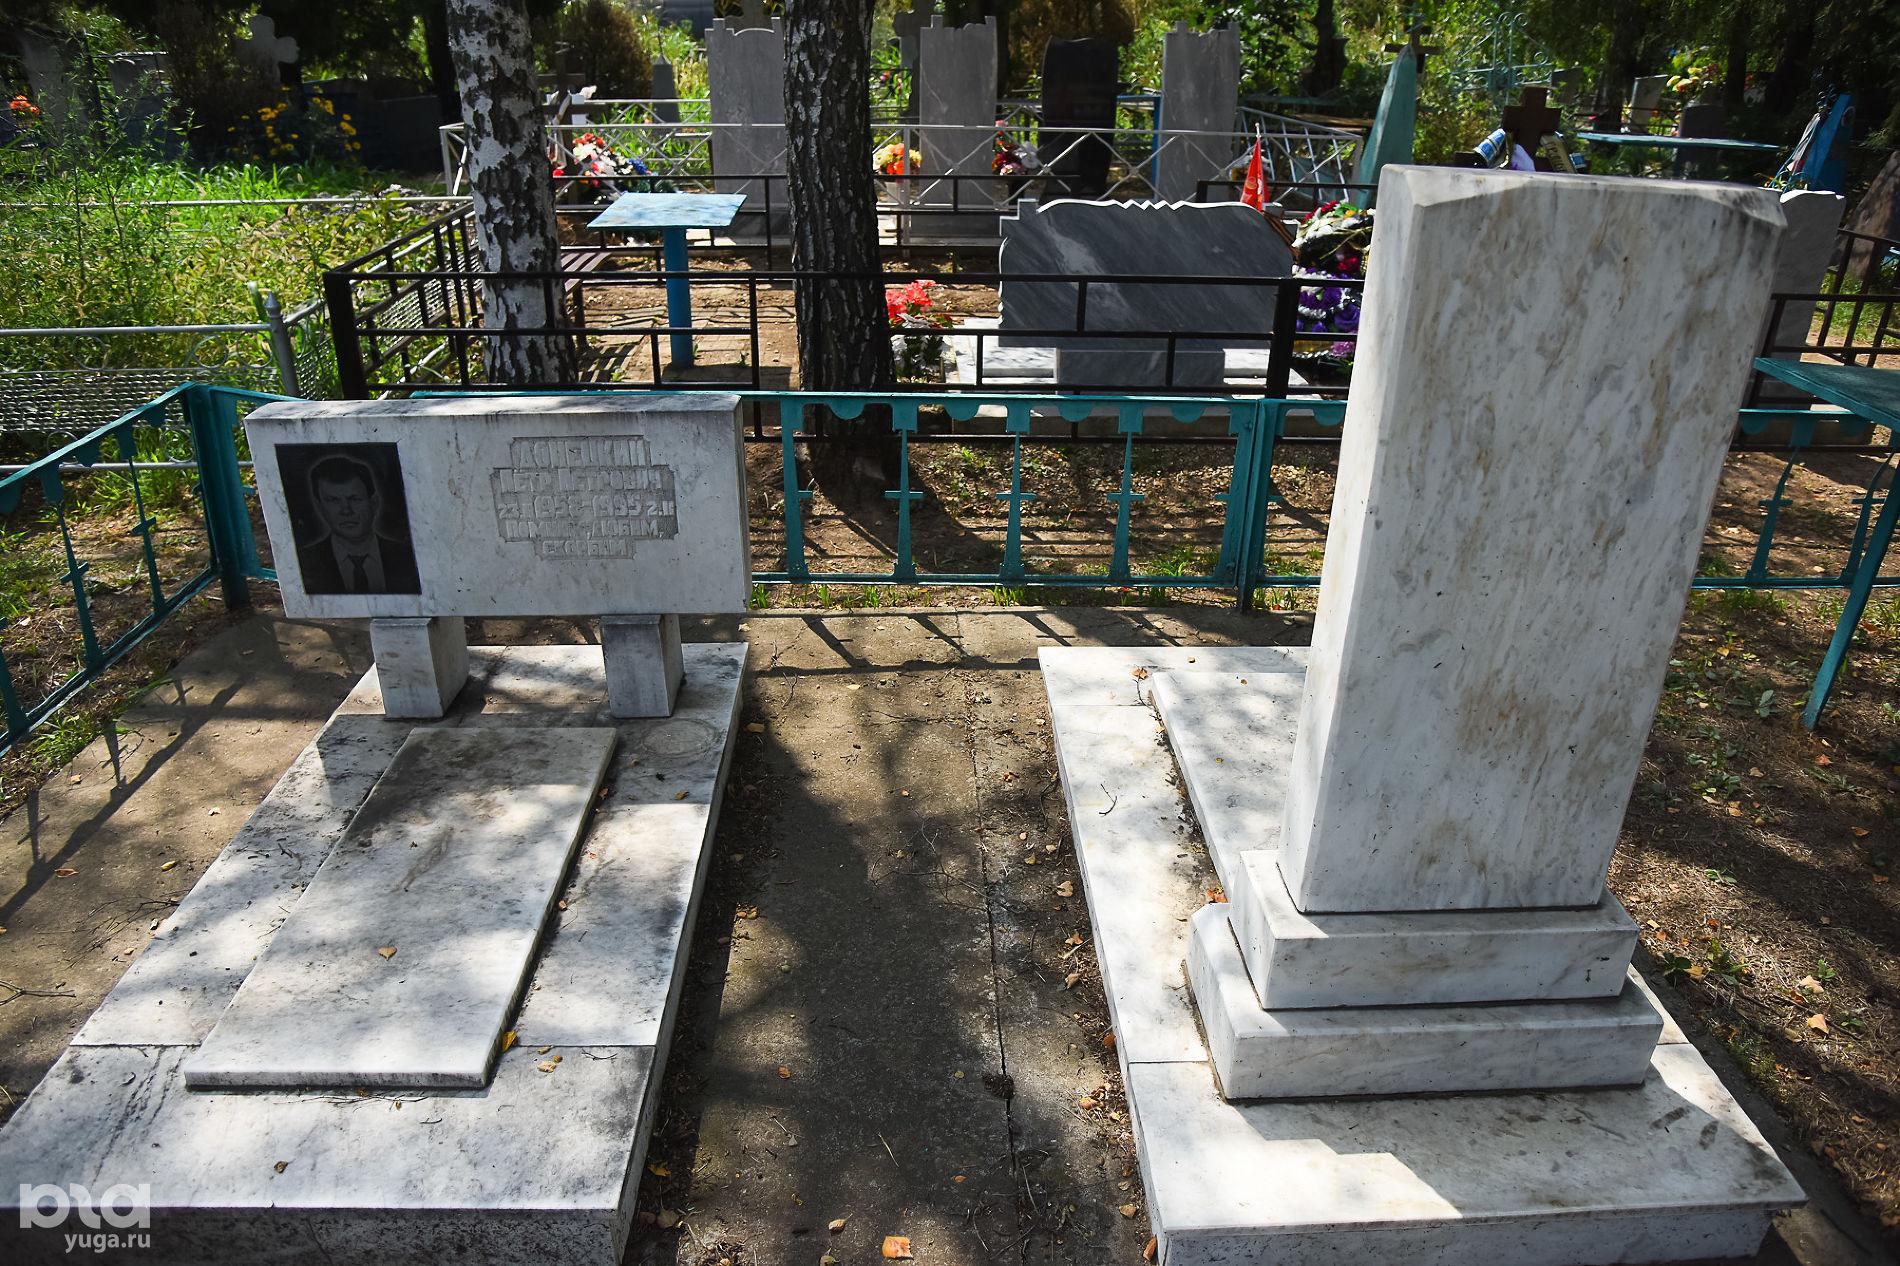 На могилах молокан не ставят кресты, а сами памятники развернуты в другую сторону ©Фото Елены Синеок, Юга.ру